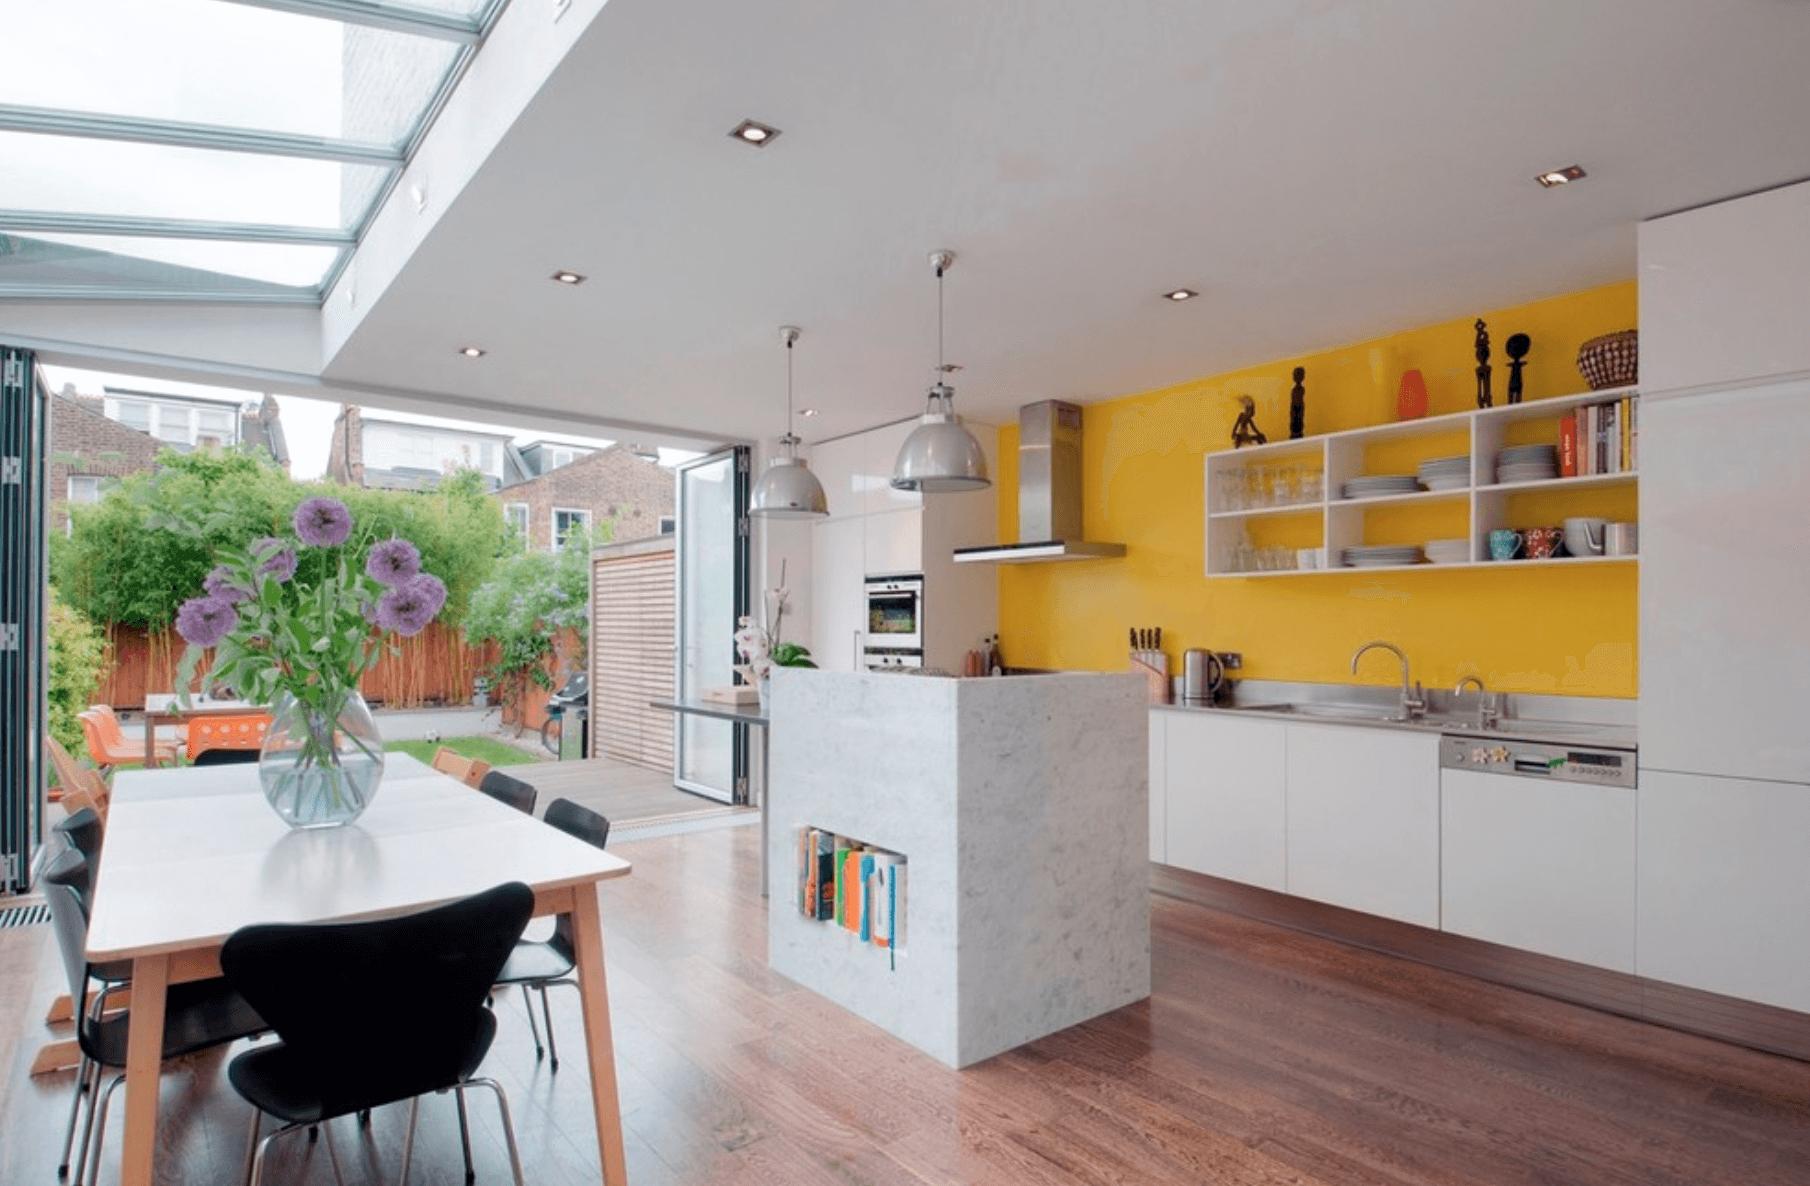 Bucatarie openspace cu mobilier alb si perete galben